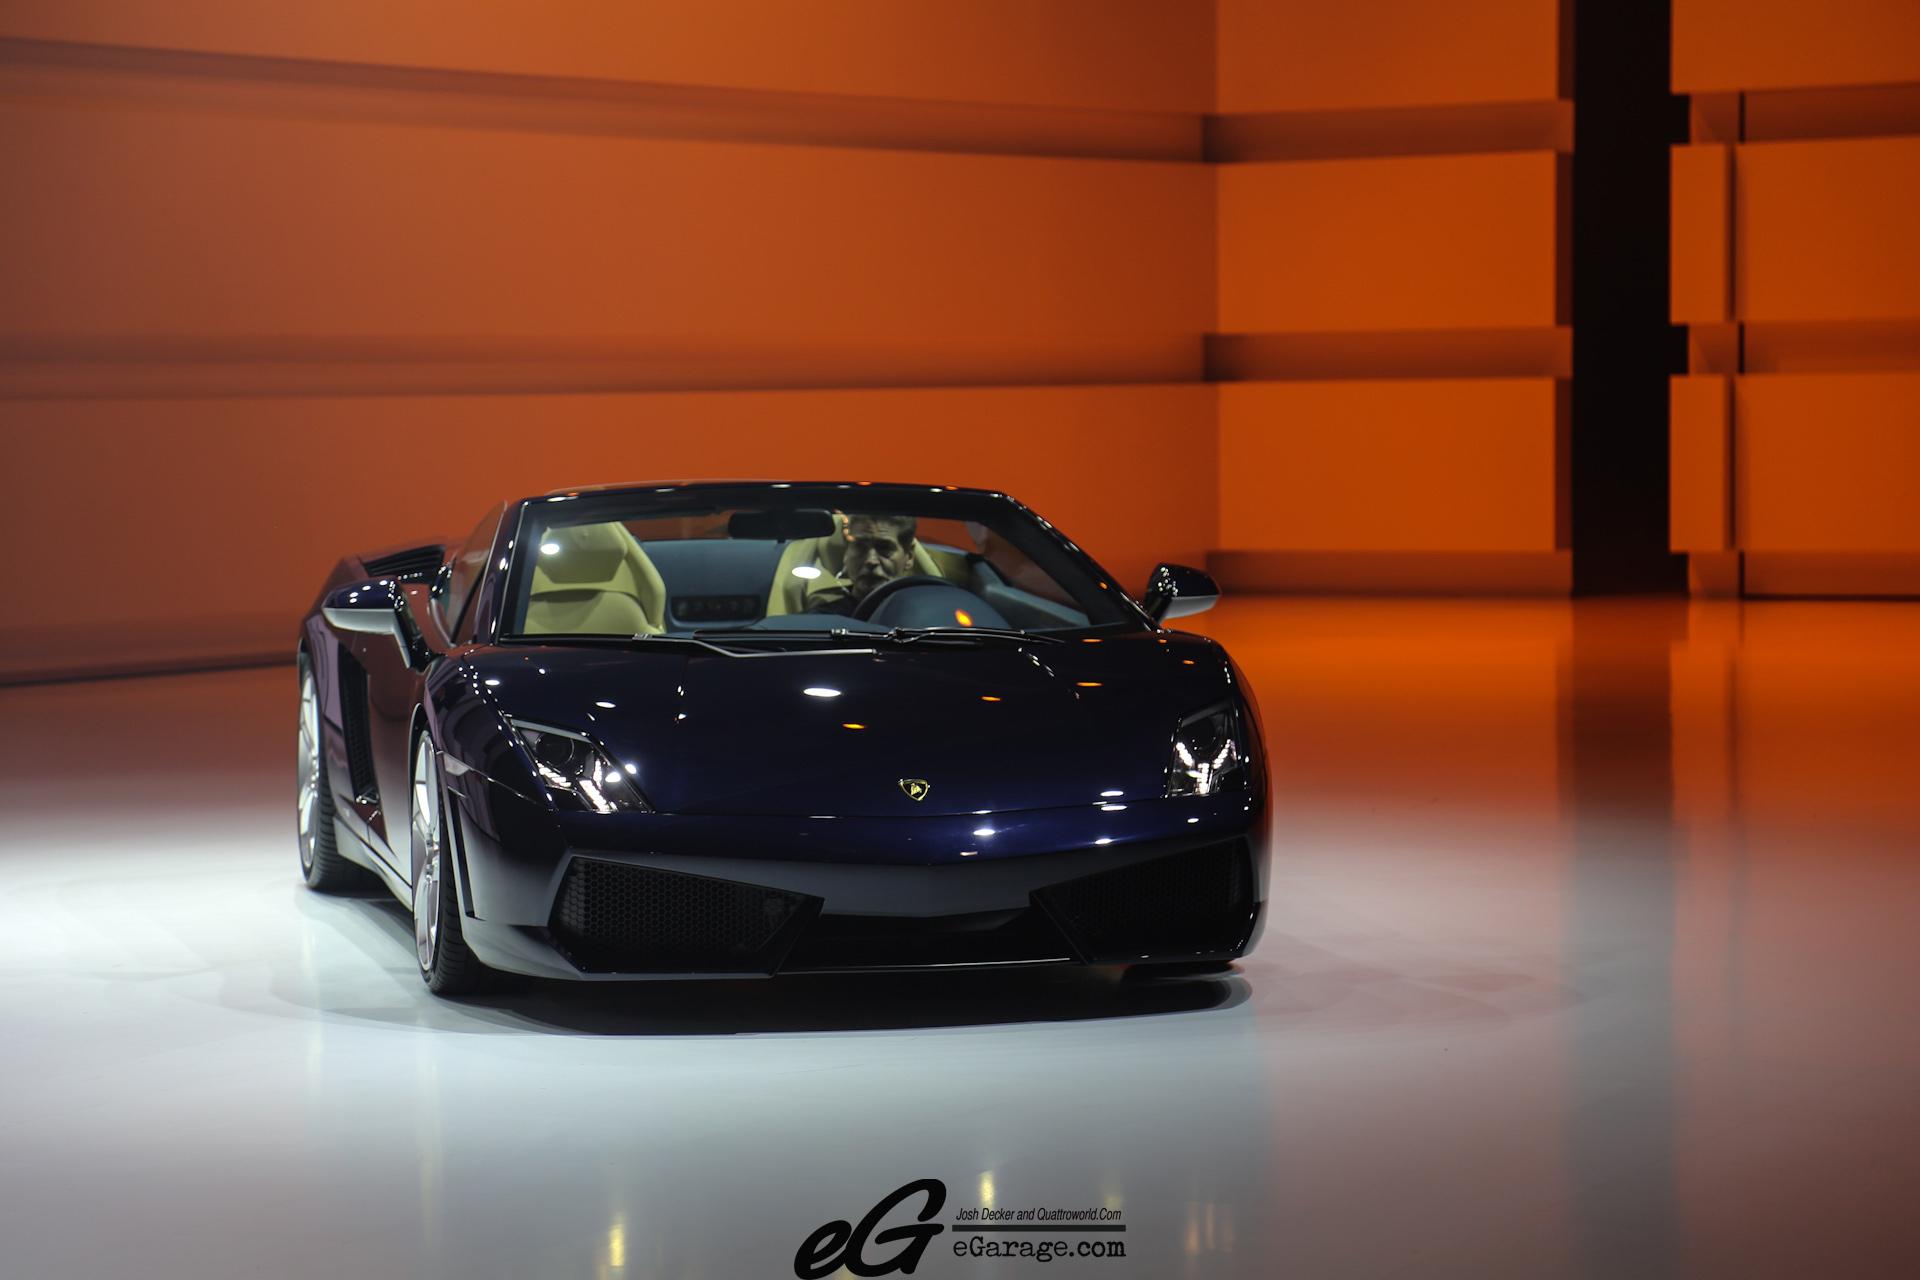 8030382990 533fb84fc8 o 2012 Paris Motor Show